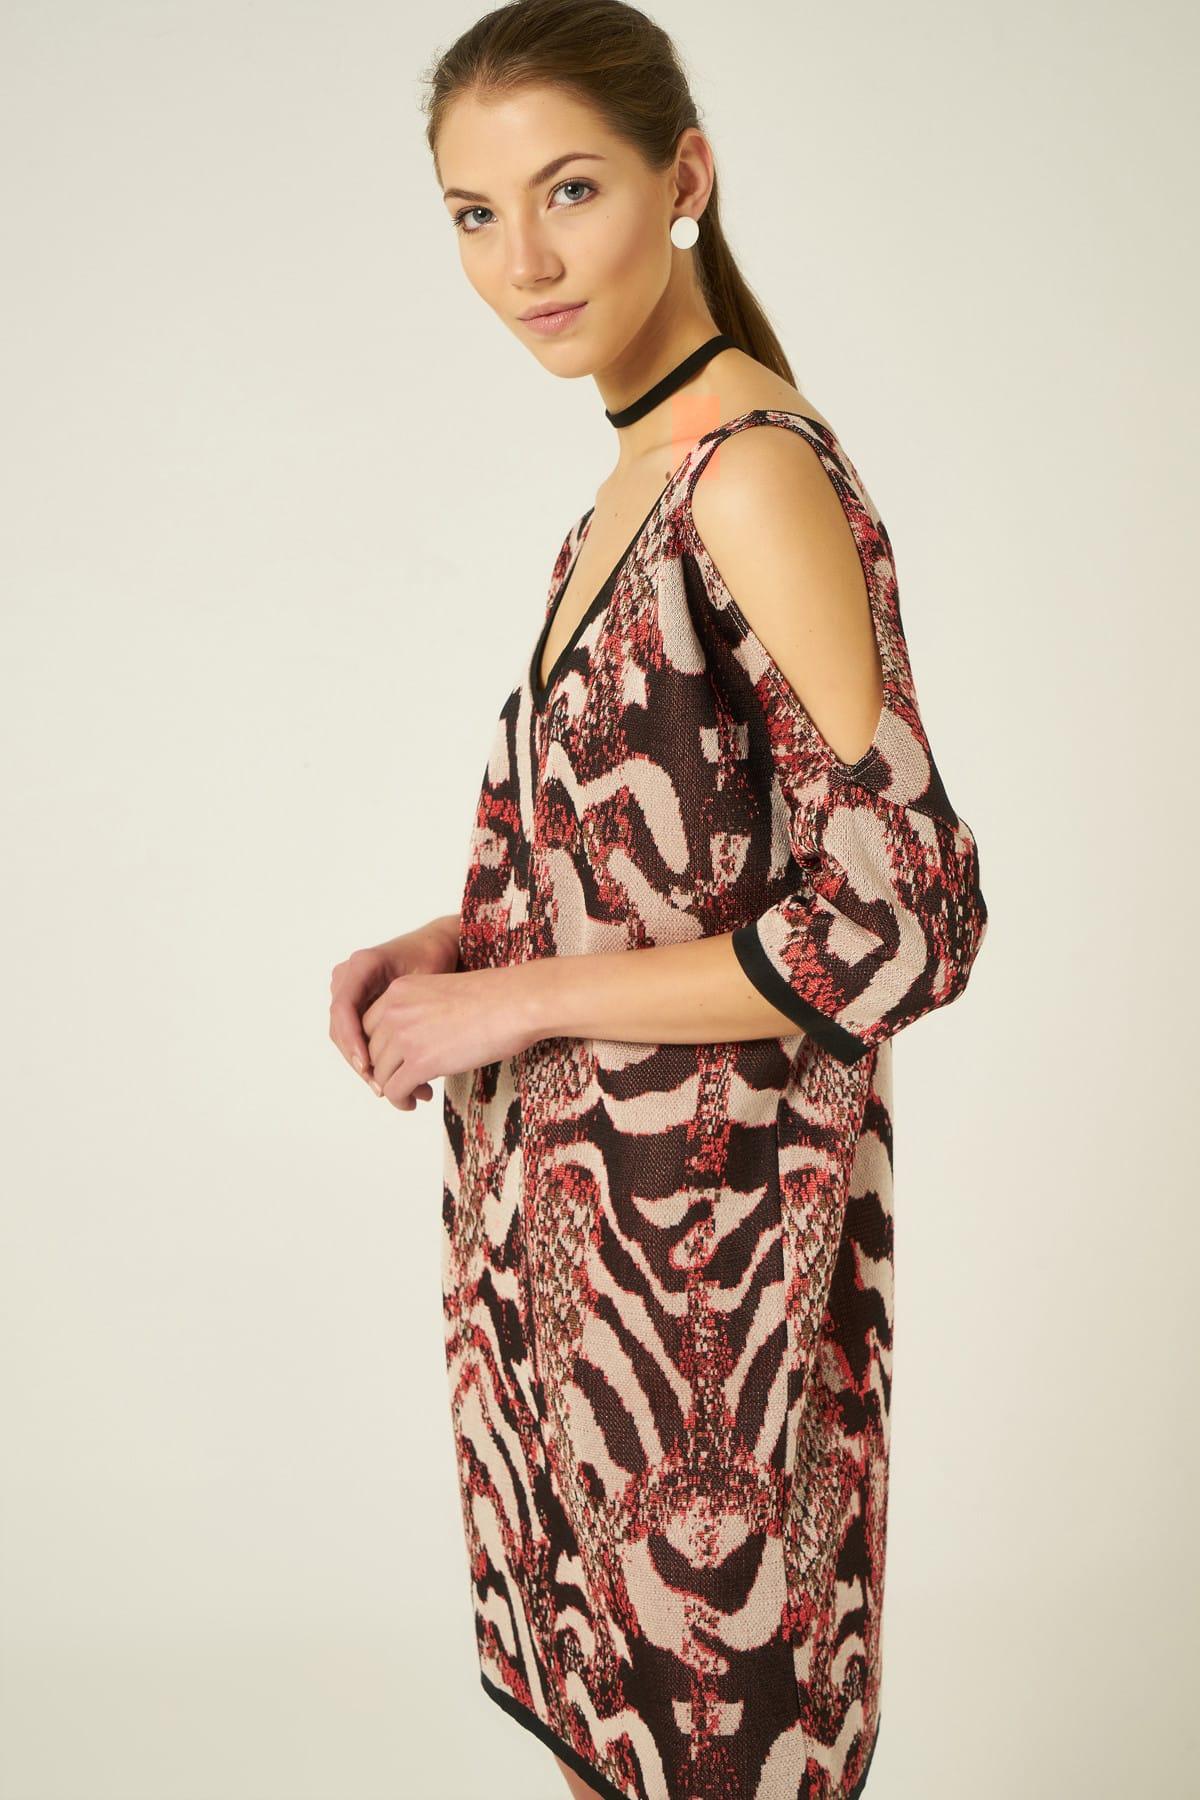 JOIN US Kadın Kahve Yılan Desenli V Yaka Omuzları Açık Elbise JU8-9W-DK1511 2